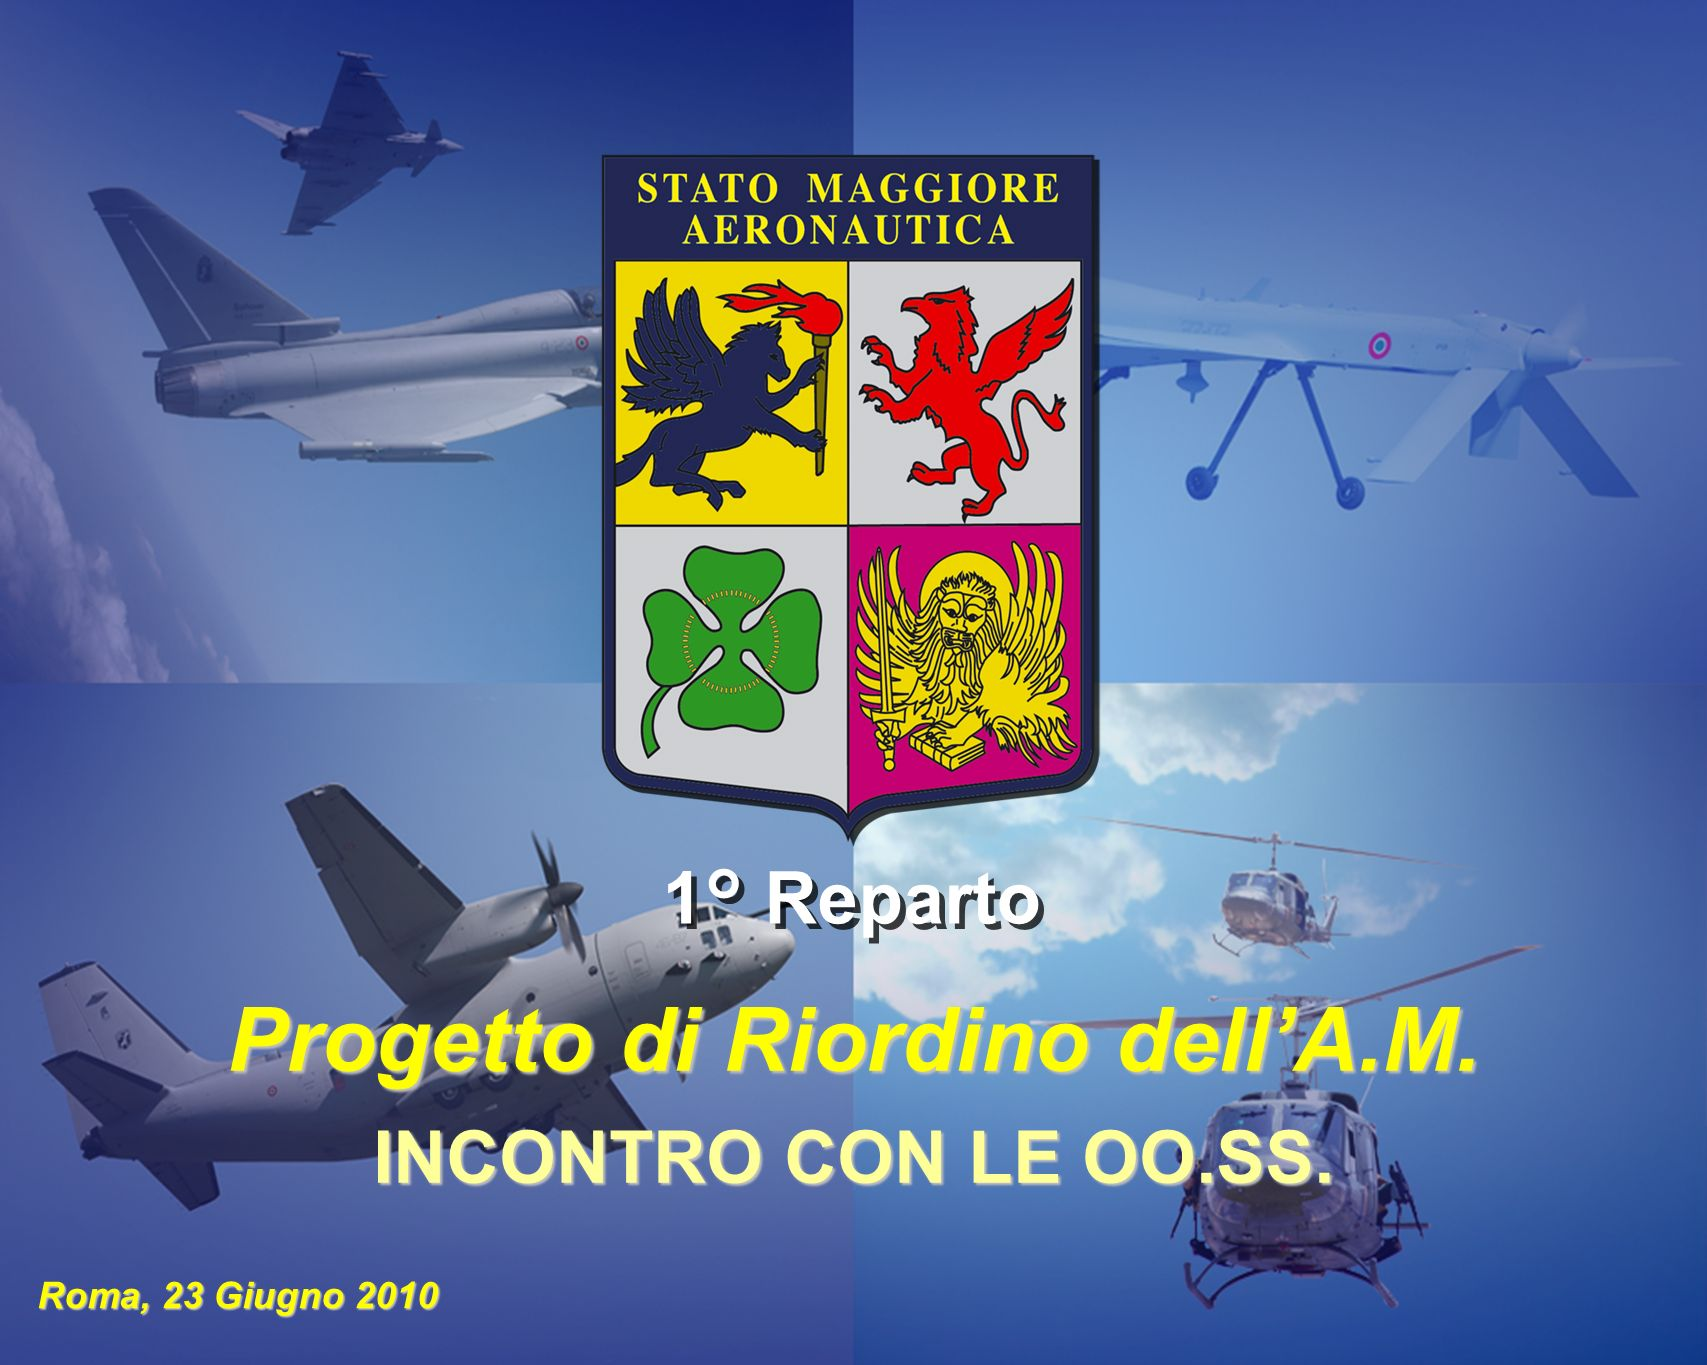 Progetto di Riordino dell'A.M.